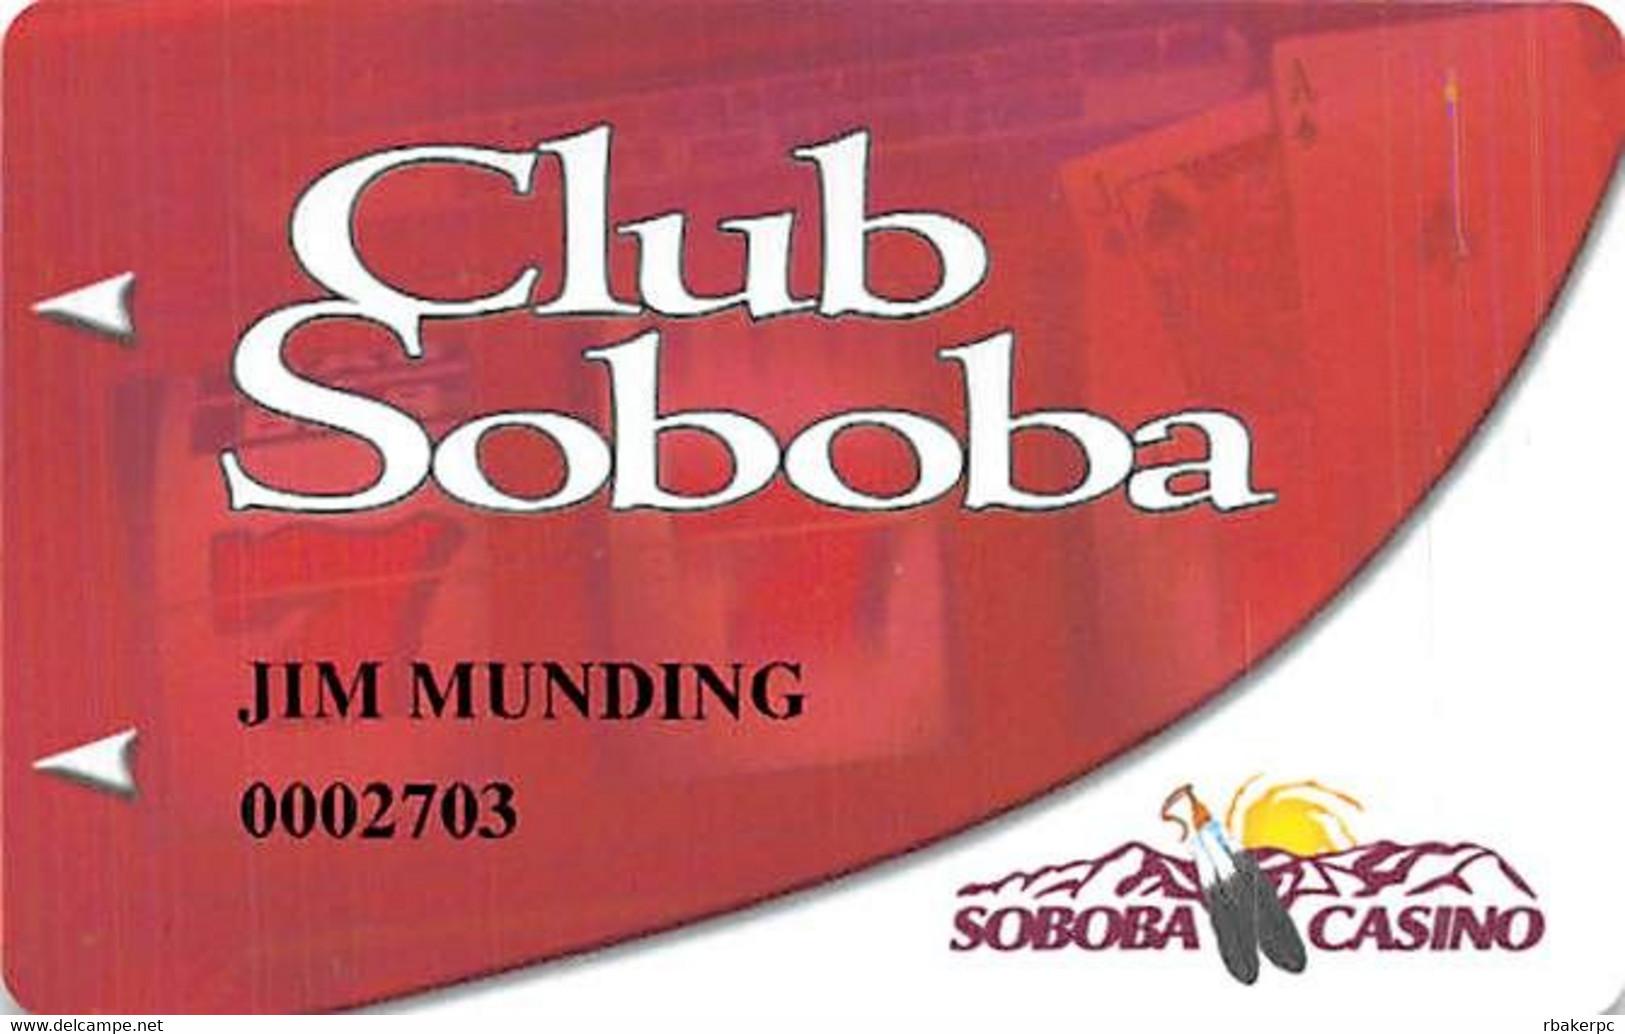 Soboba Casino - San Jacinto, CA USA - Slot Card - Casino Cards